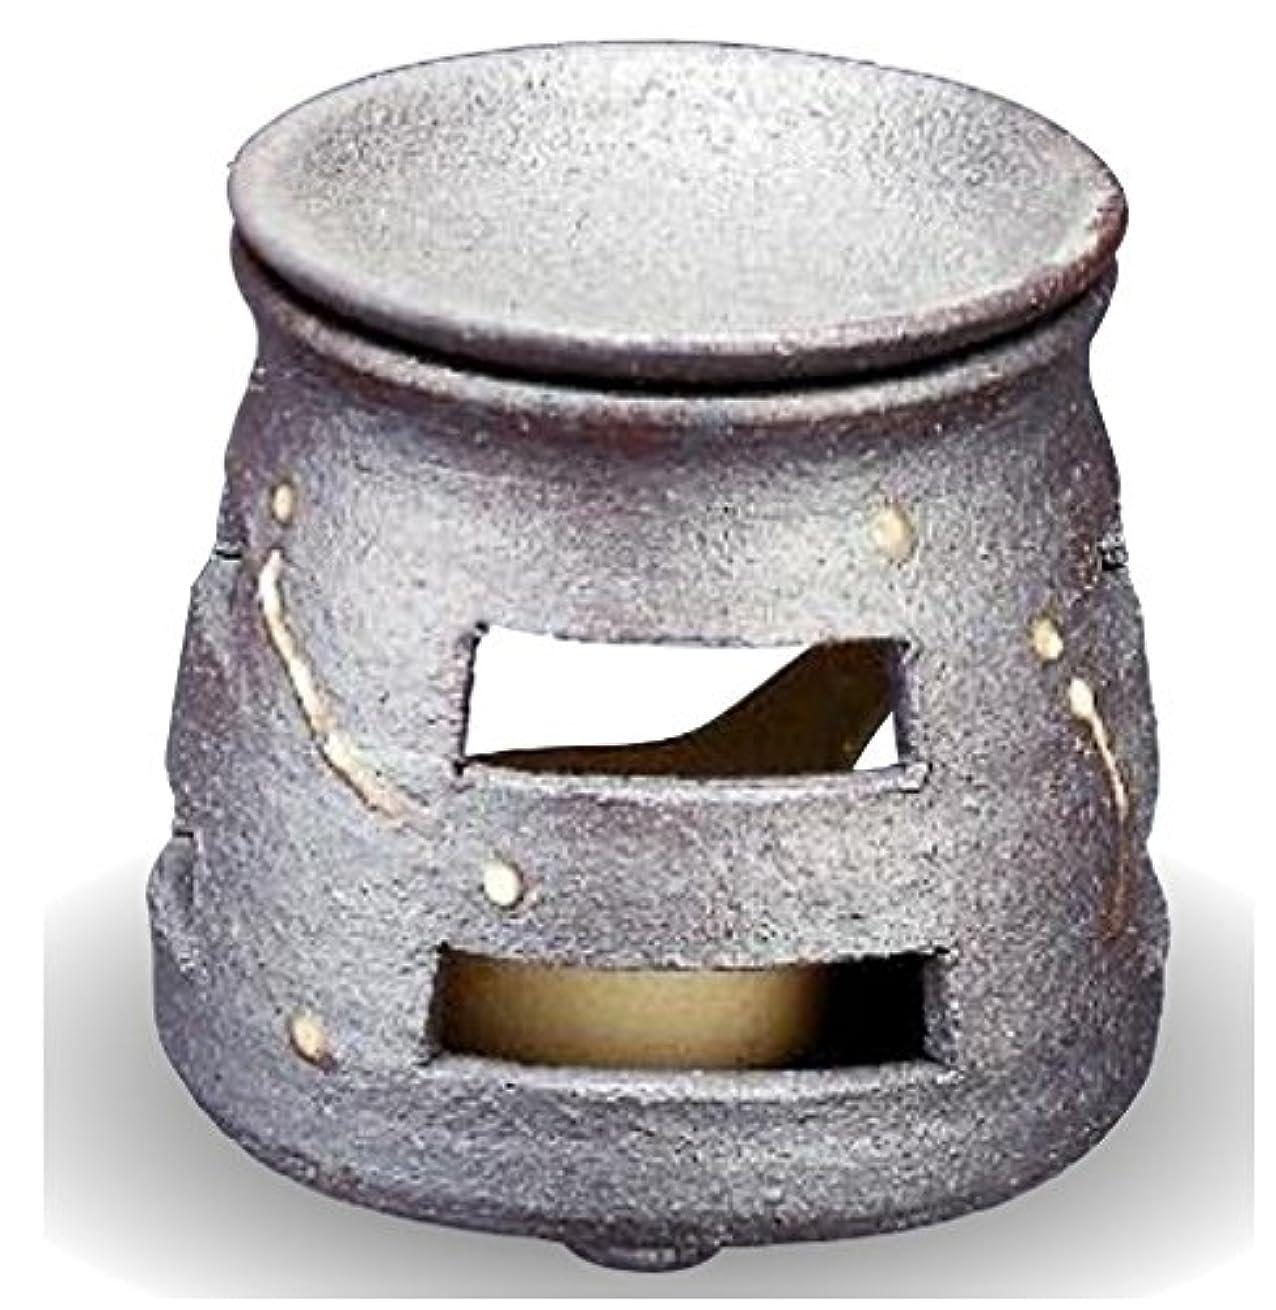 並外れてヶ月目馬鹿常滑焼 茶香炉(アロマポット)径9×高さ10cm